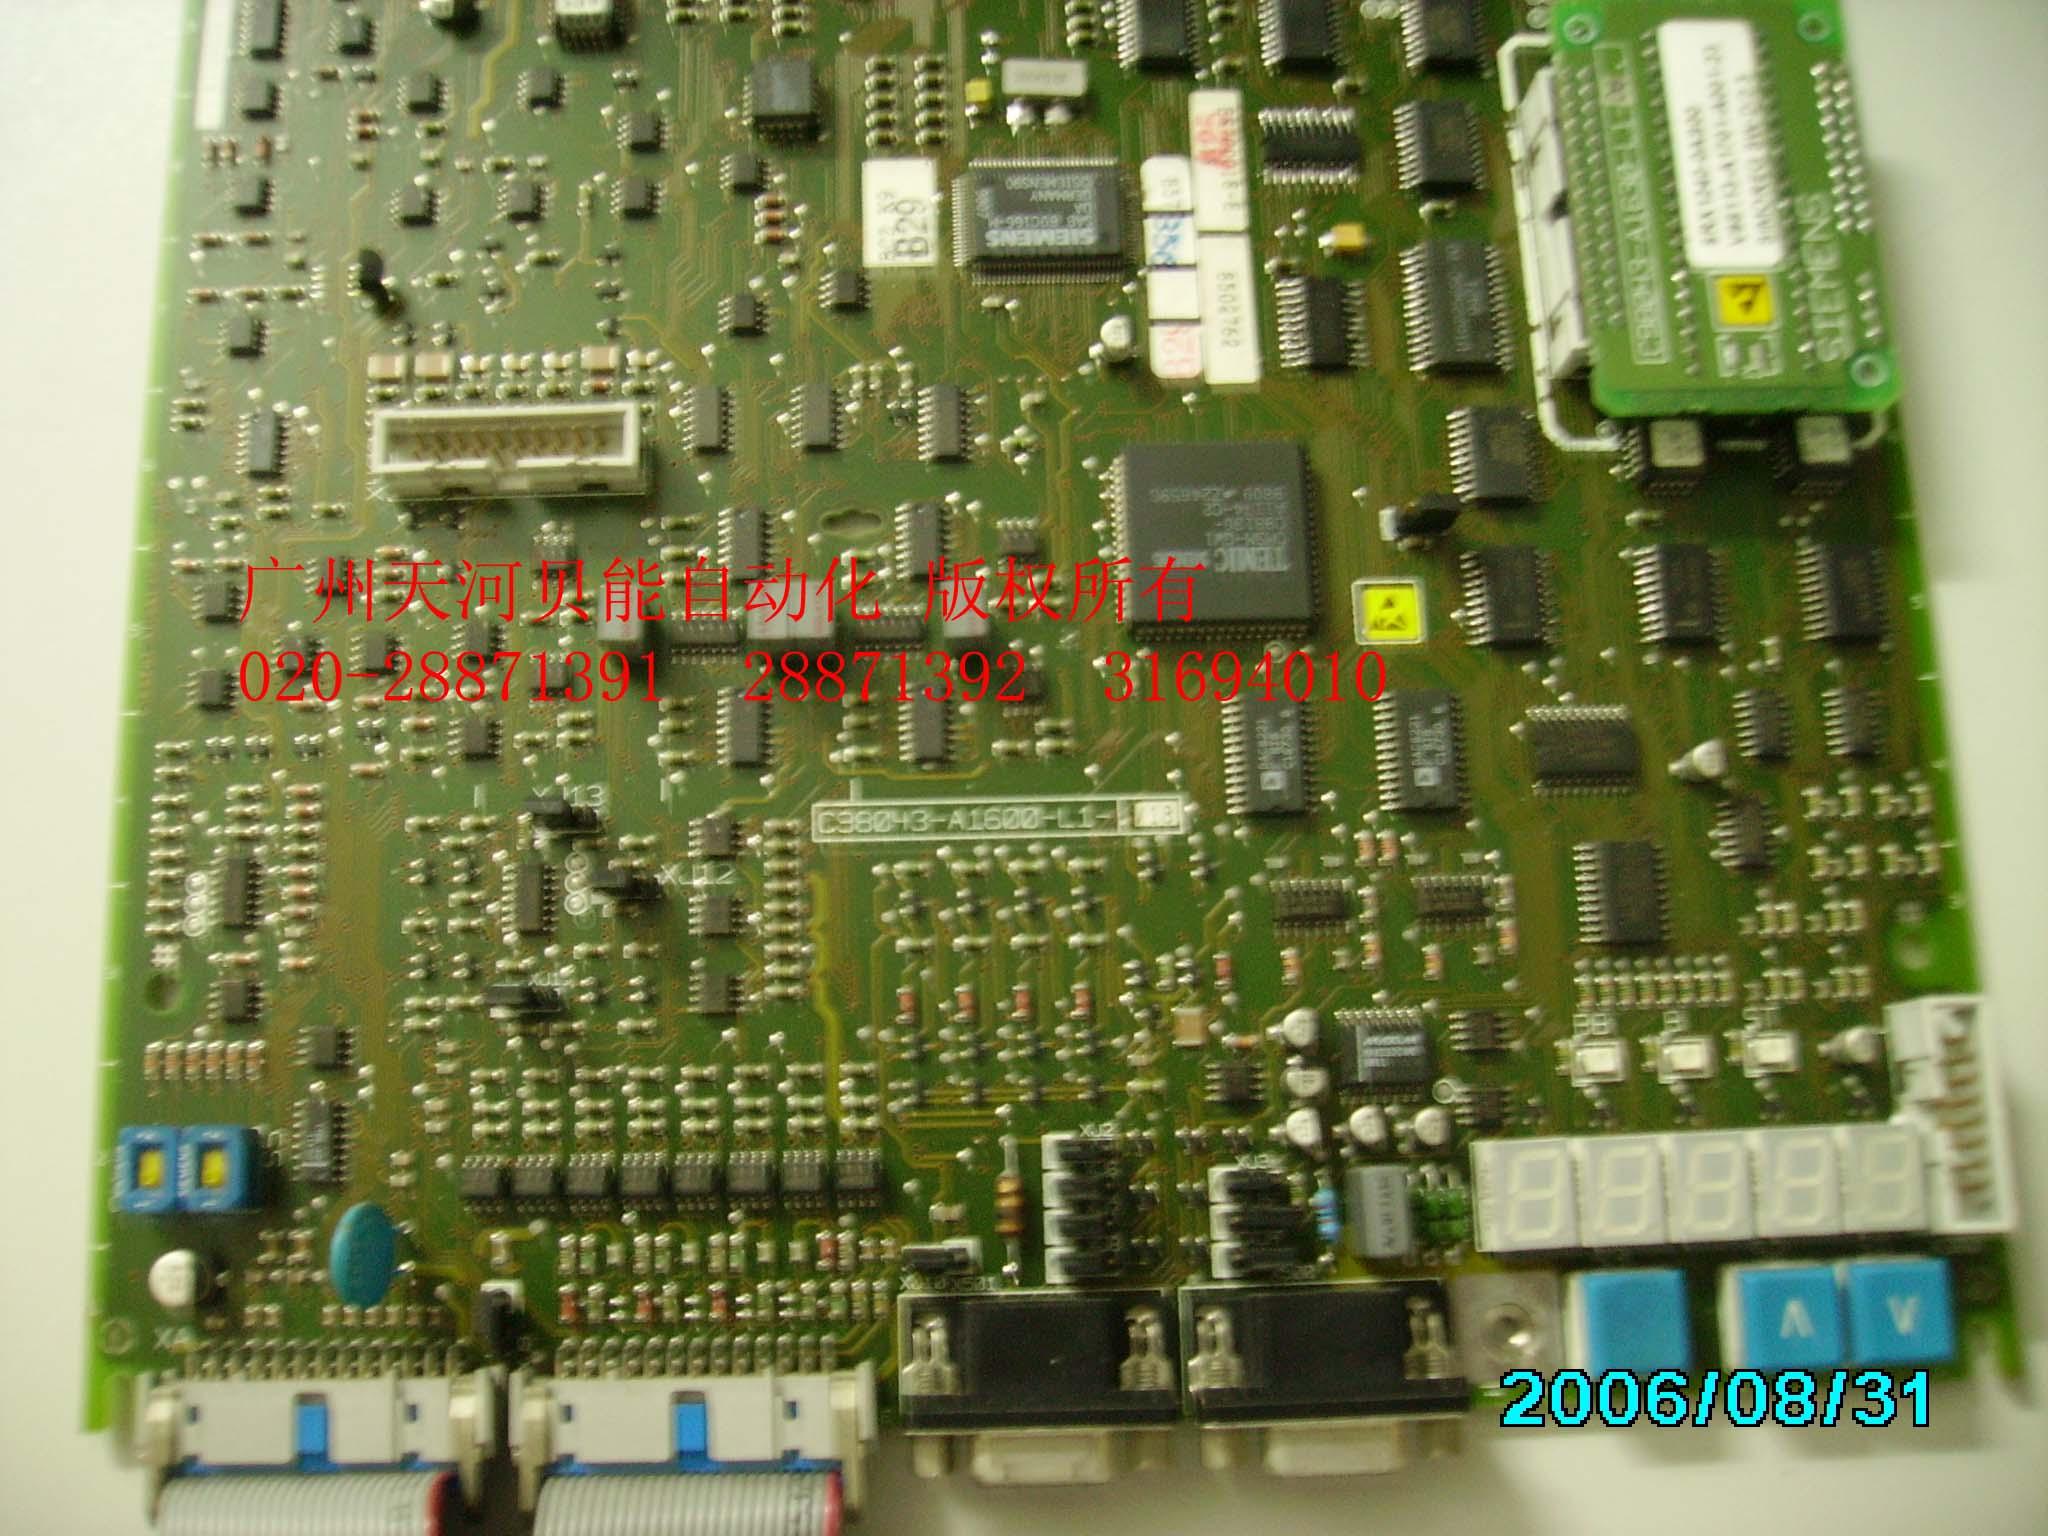 6RA28介绍 6RA28全数字直流调速器为6RA23型直流调速器的替代产品,其性能与6RA23完全一样。此产品结构紧凑,可适应性强,维护简便,设计直流电流范围为30A~600A。根据不同的应用场合,可选择单象限或四象限工作的装置。所有的控制、调节、监控及附加功能都由微处理器来实现,再选择给定值和反馈值为数字量或模拟量。 适用范围: 冶金行业、钢铁行业、造纸行业、橡胶行业、卷取机械、塑料行业、起重机械等     6RA70介绍